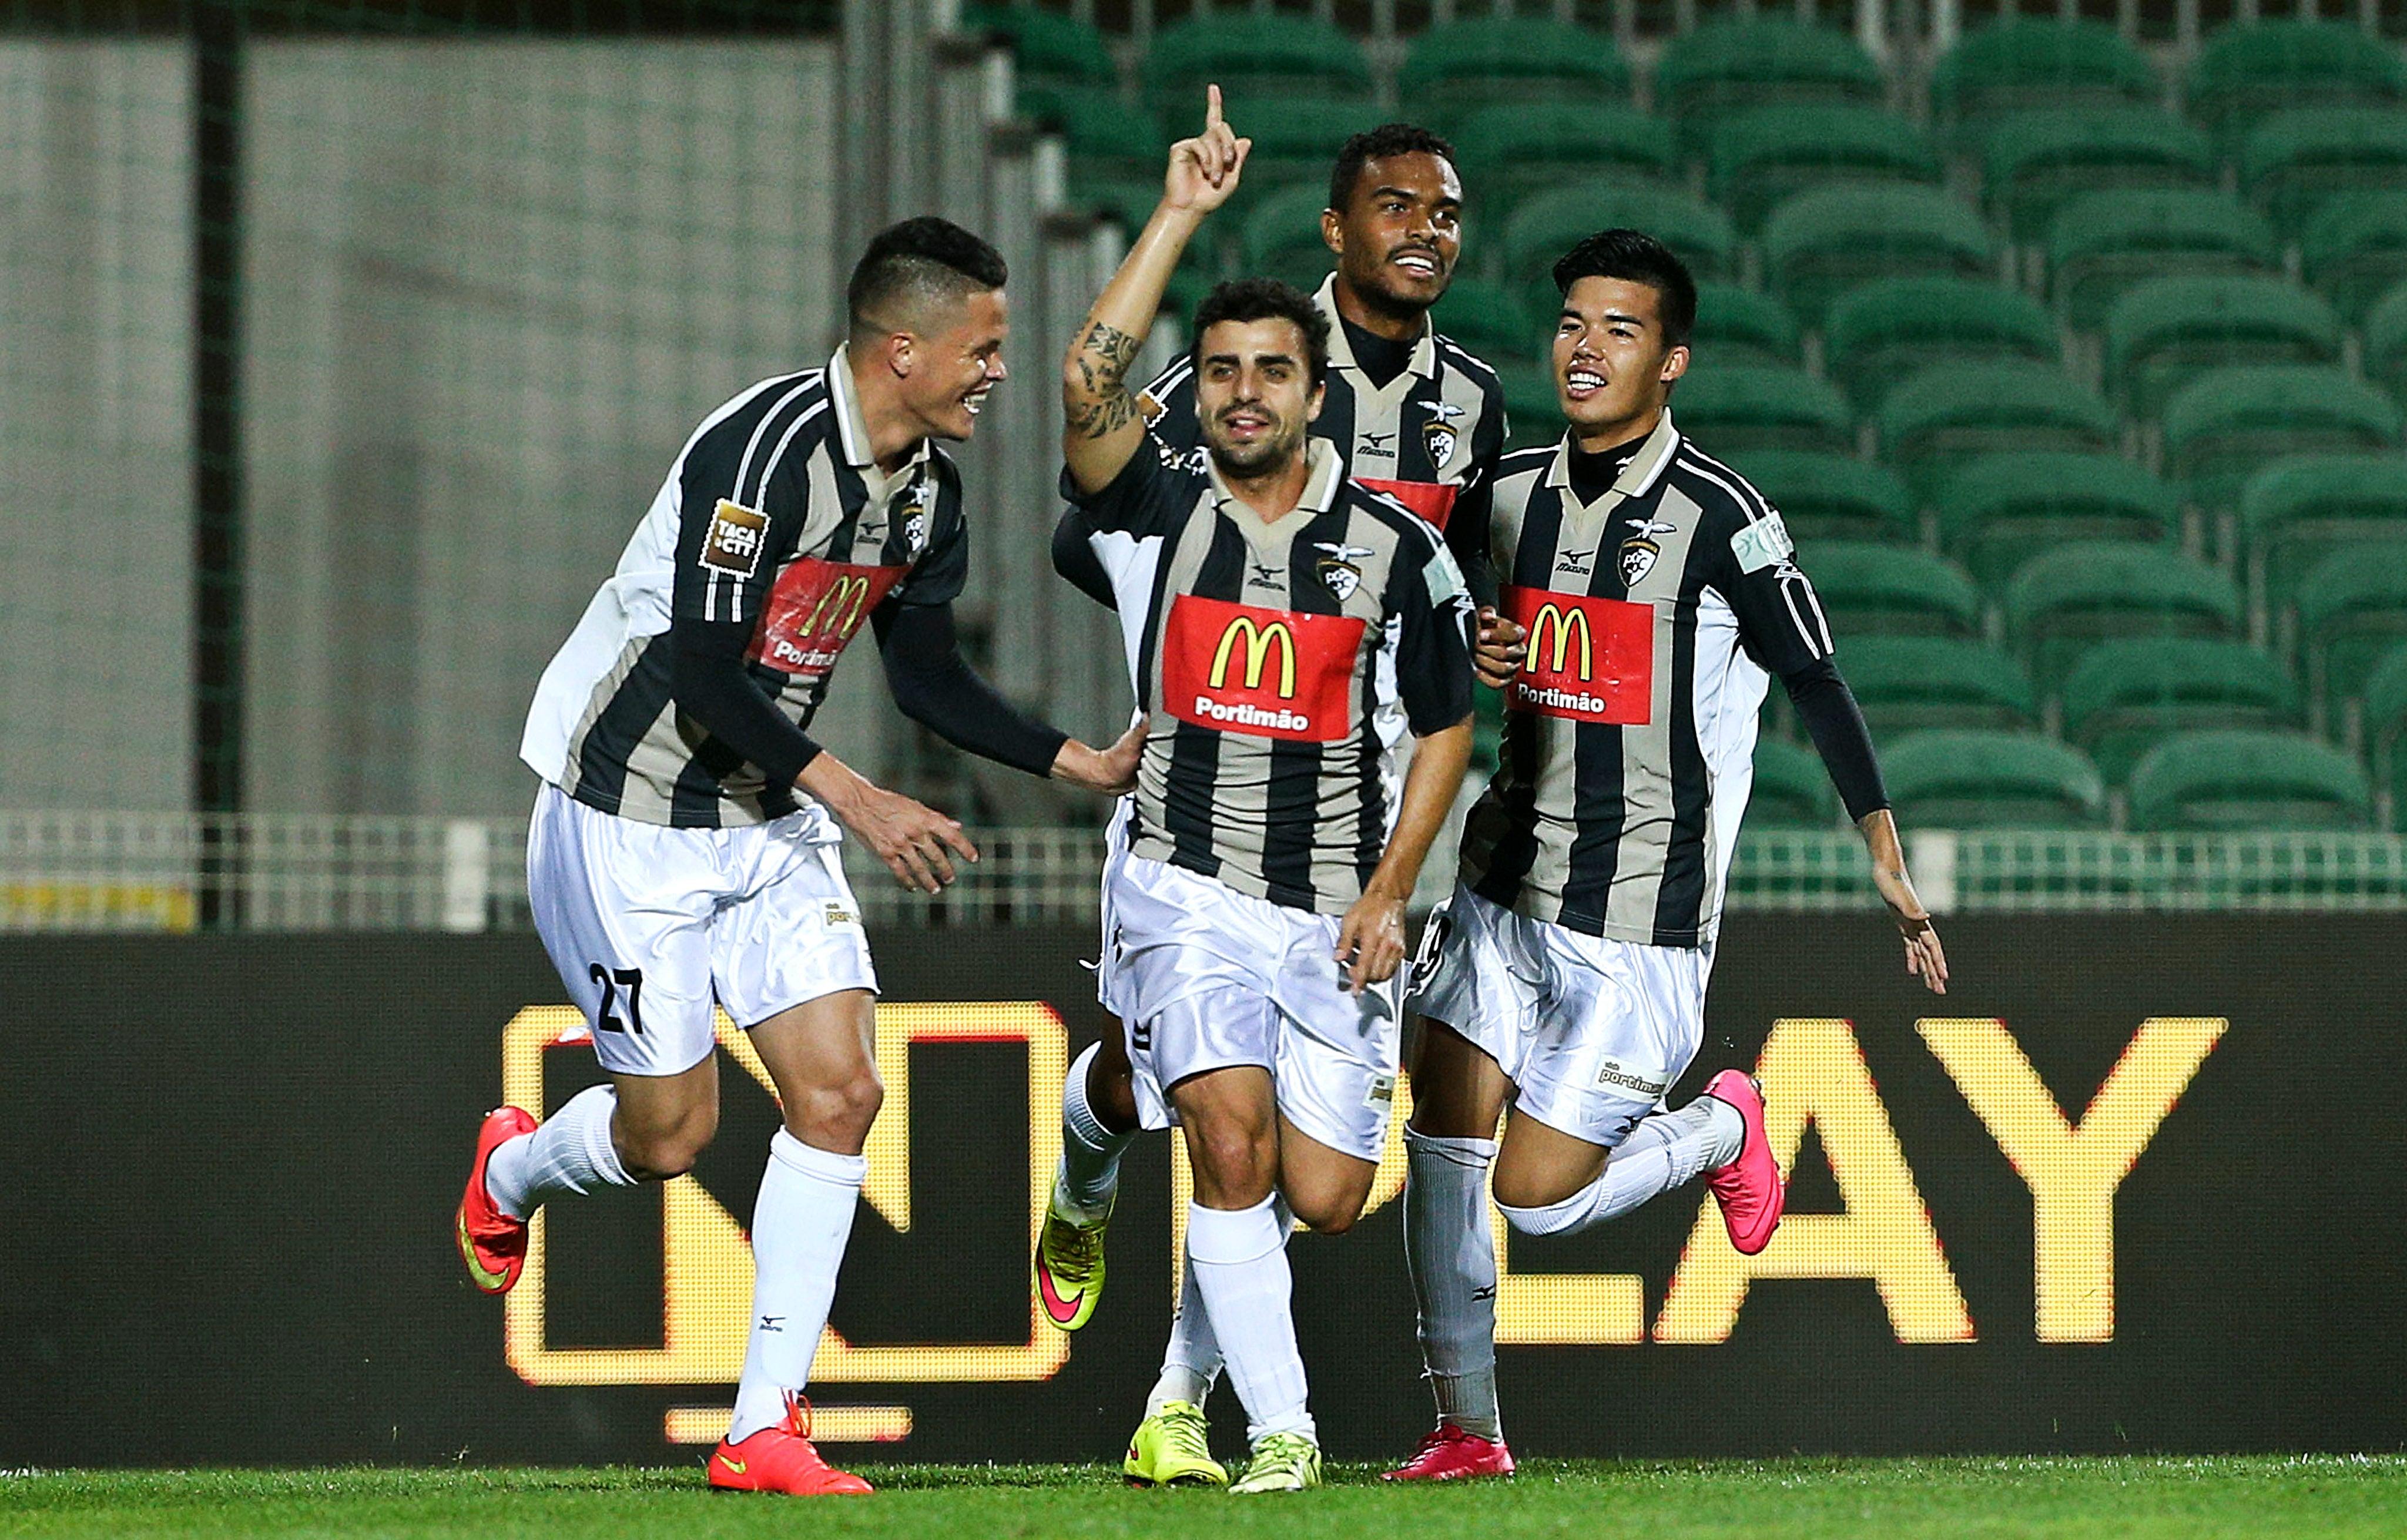 Portimonense vence Boavista no arranque da I Liga